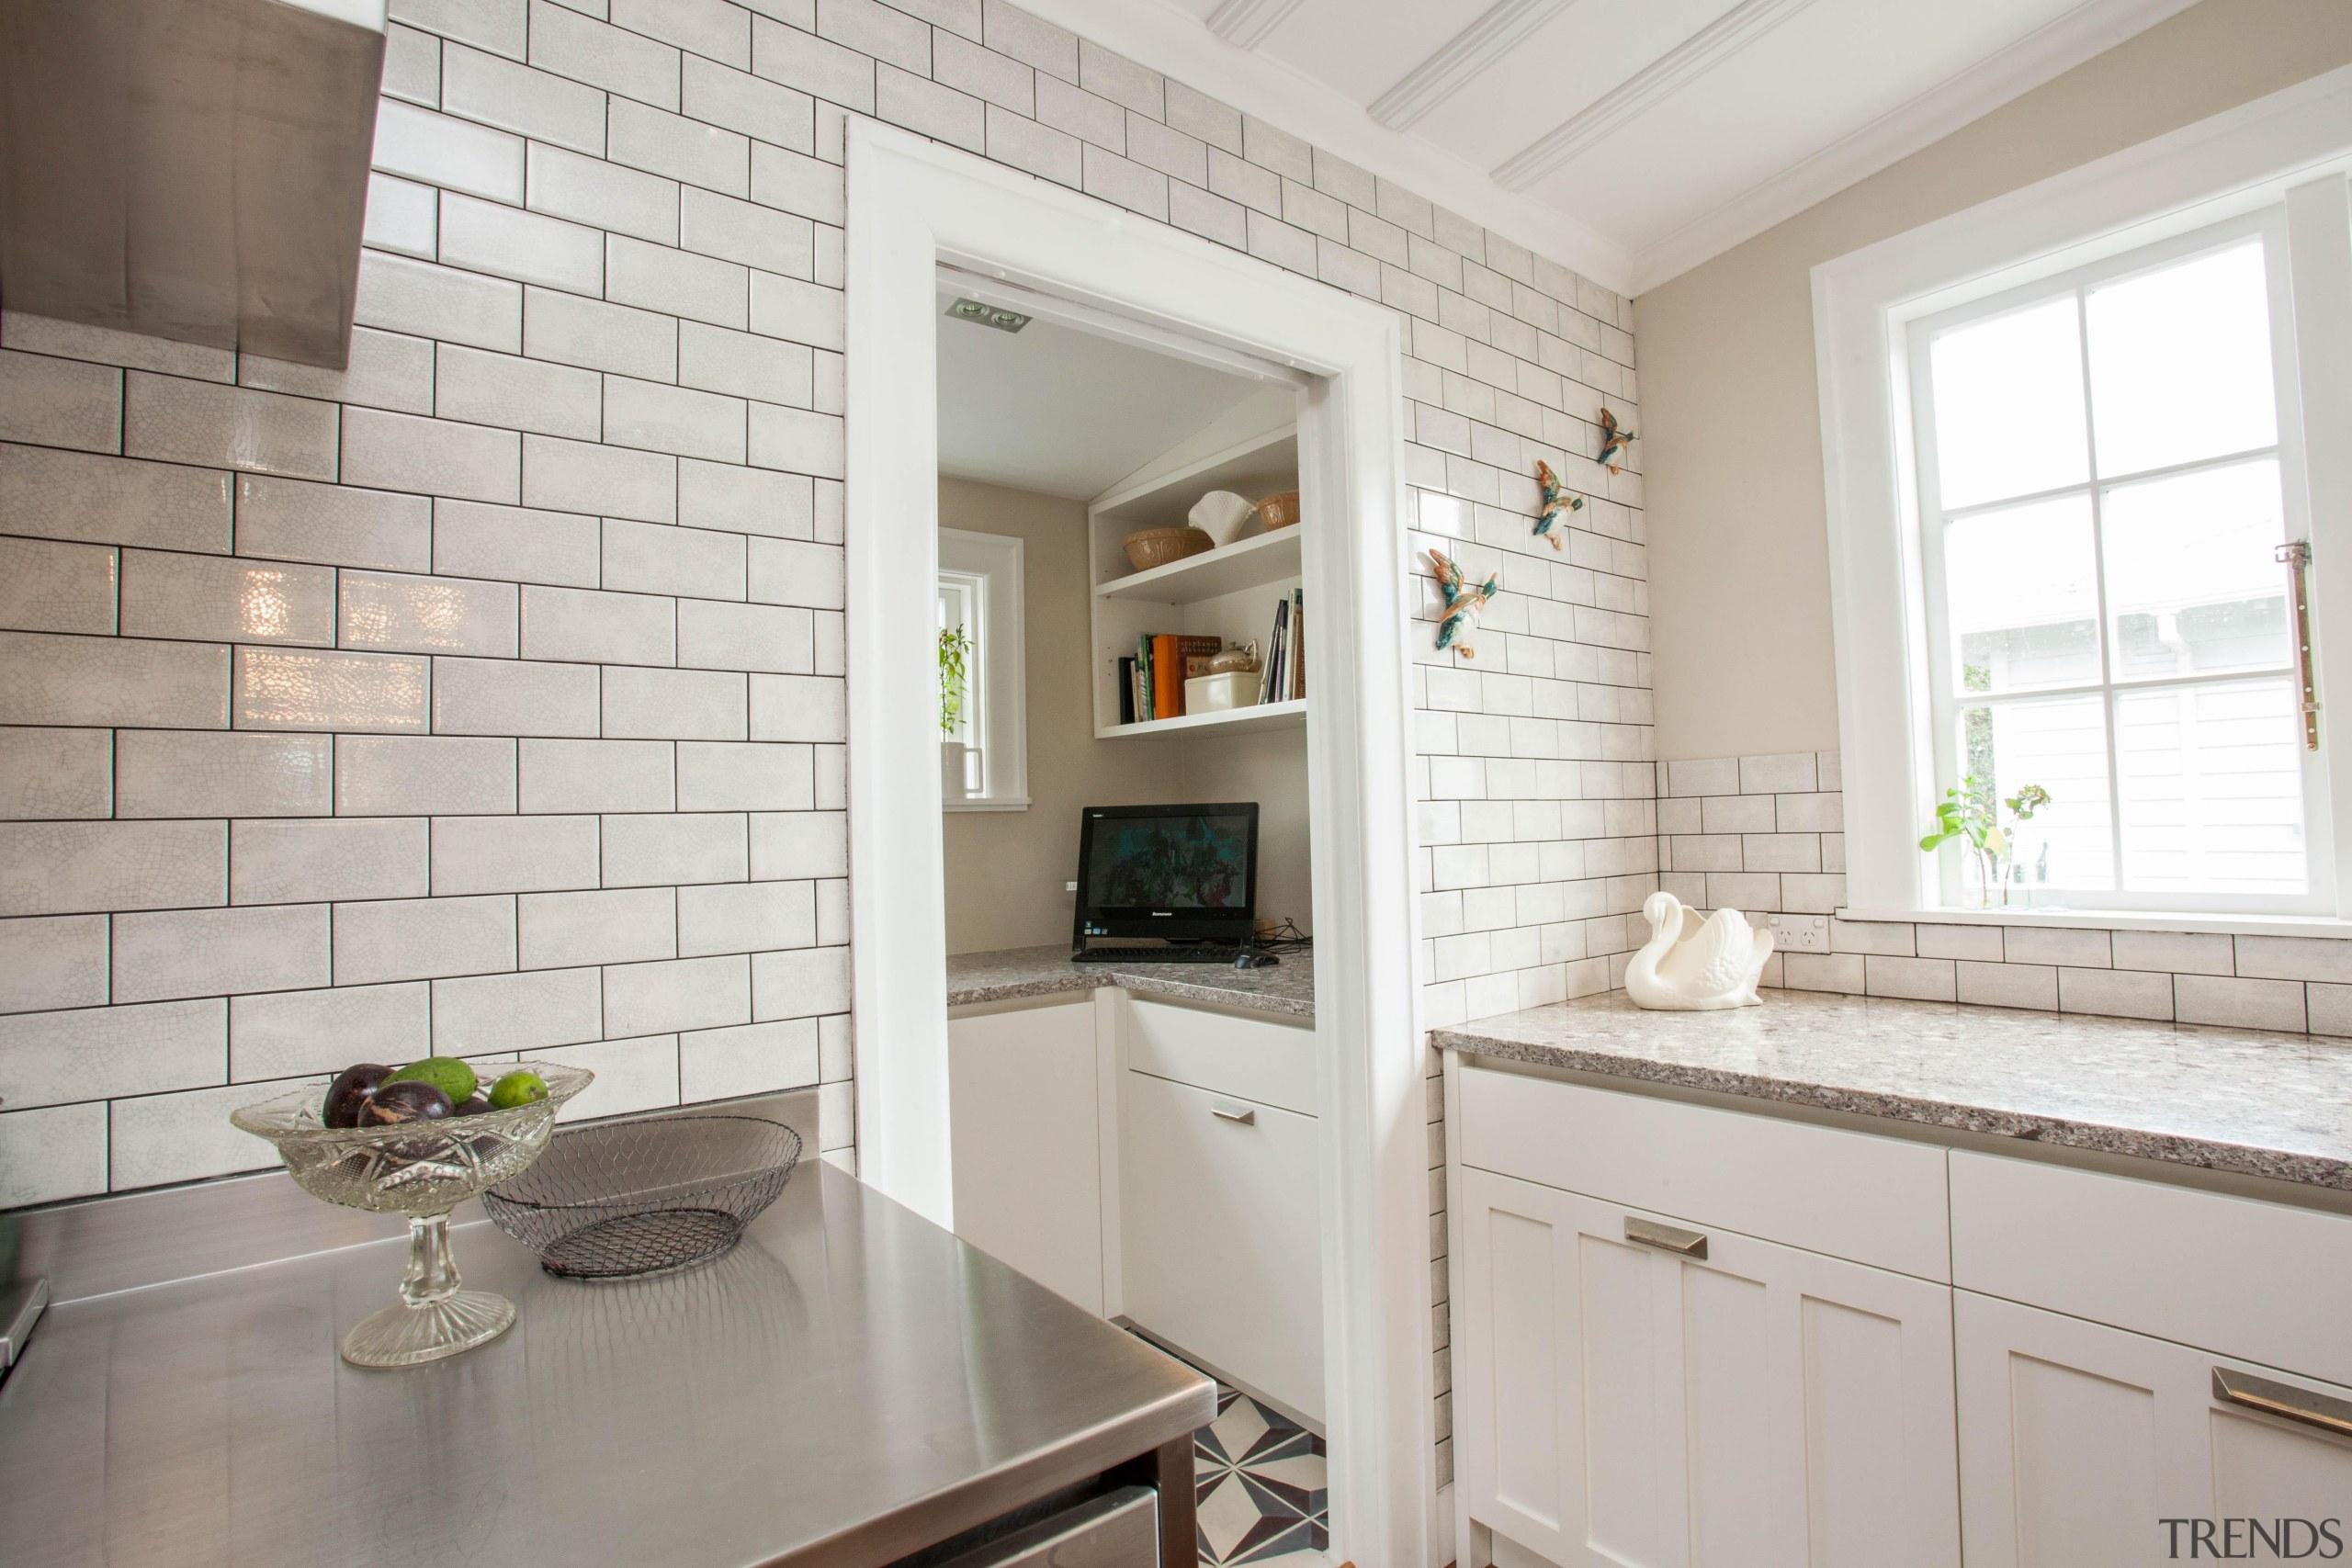 scp-26.jpg - countertop   cuisine classique   floor countertop, cuisine classique, floor, flooring, home, interior design, kitchen, property, real estate, room, tile, window, gray